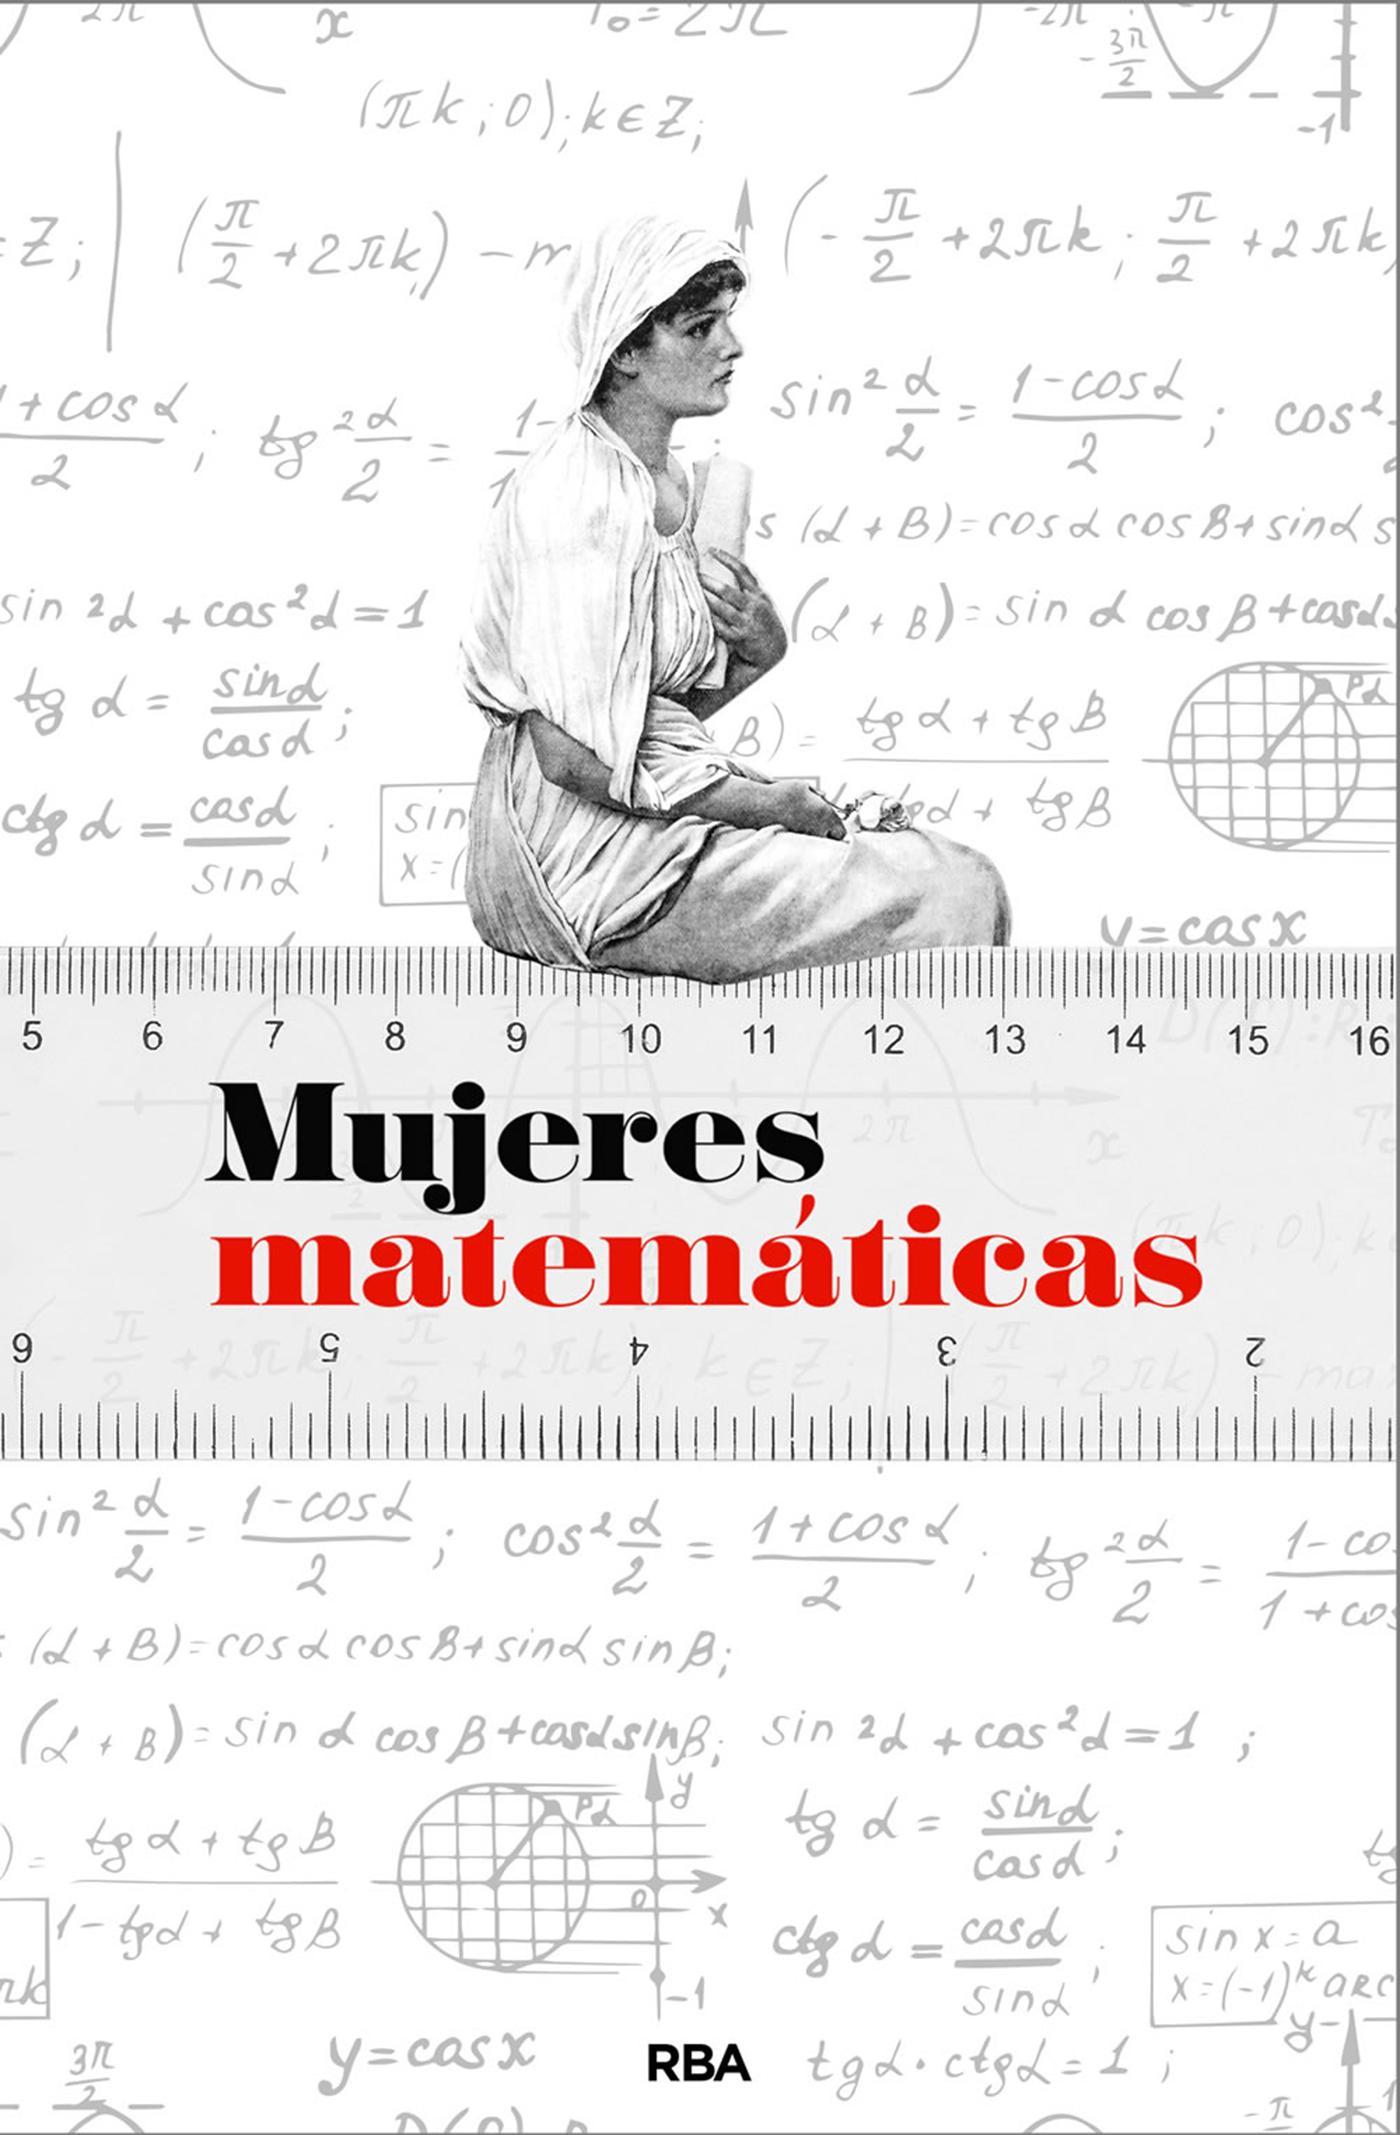 Imaxe da portada (Mujeres matemáticas)